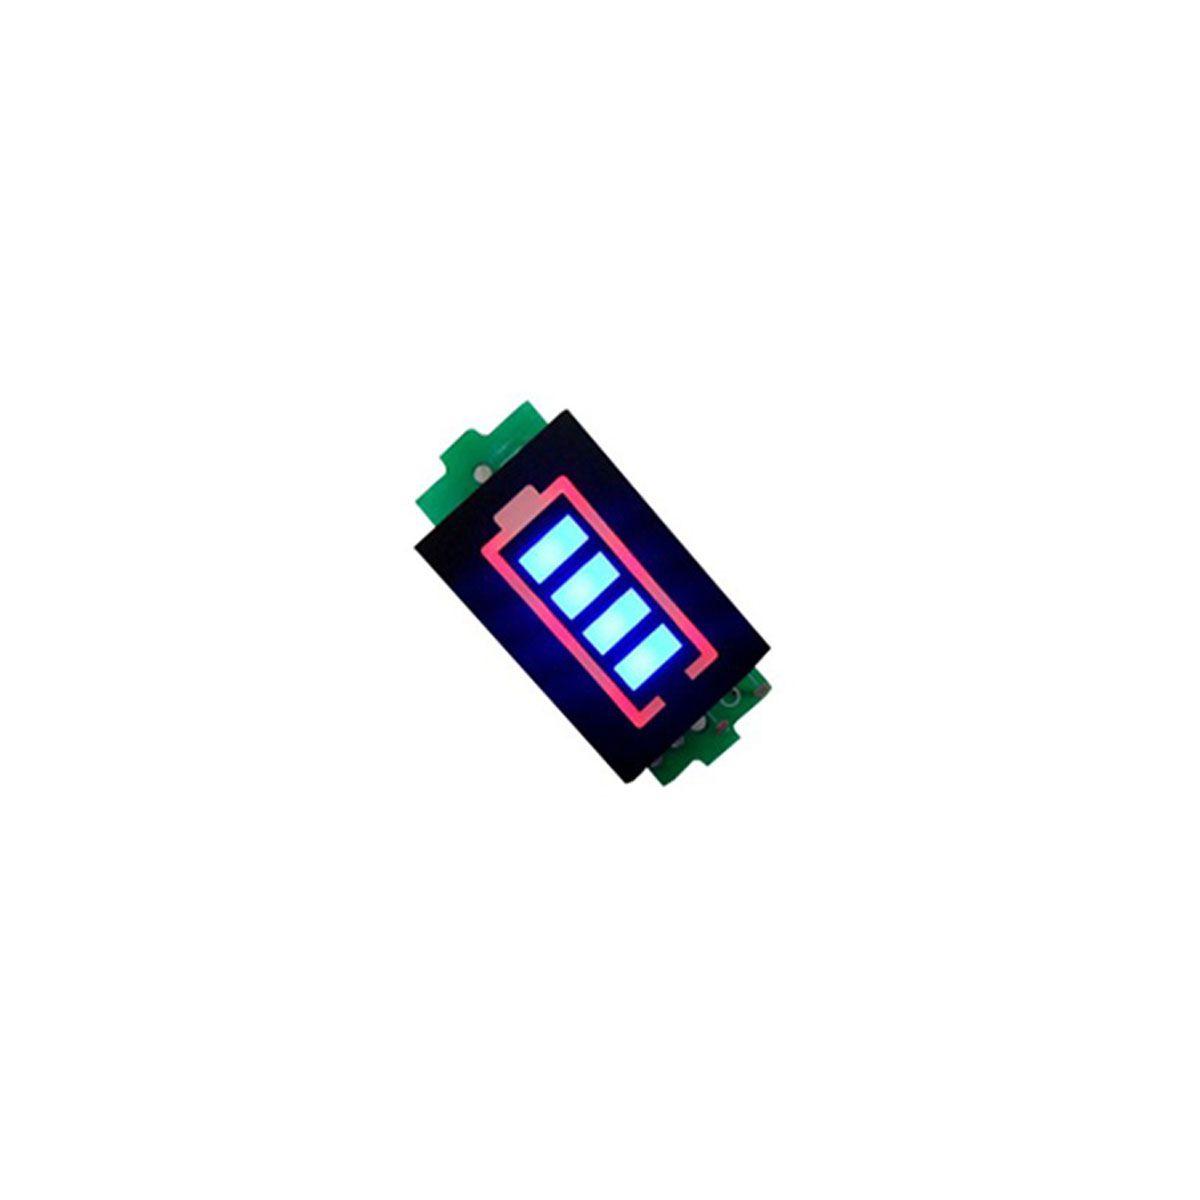 2x Voltímetro com Display Indicador de Nível de Carga para Baterias 4S 16,8V